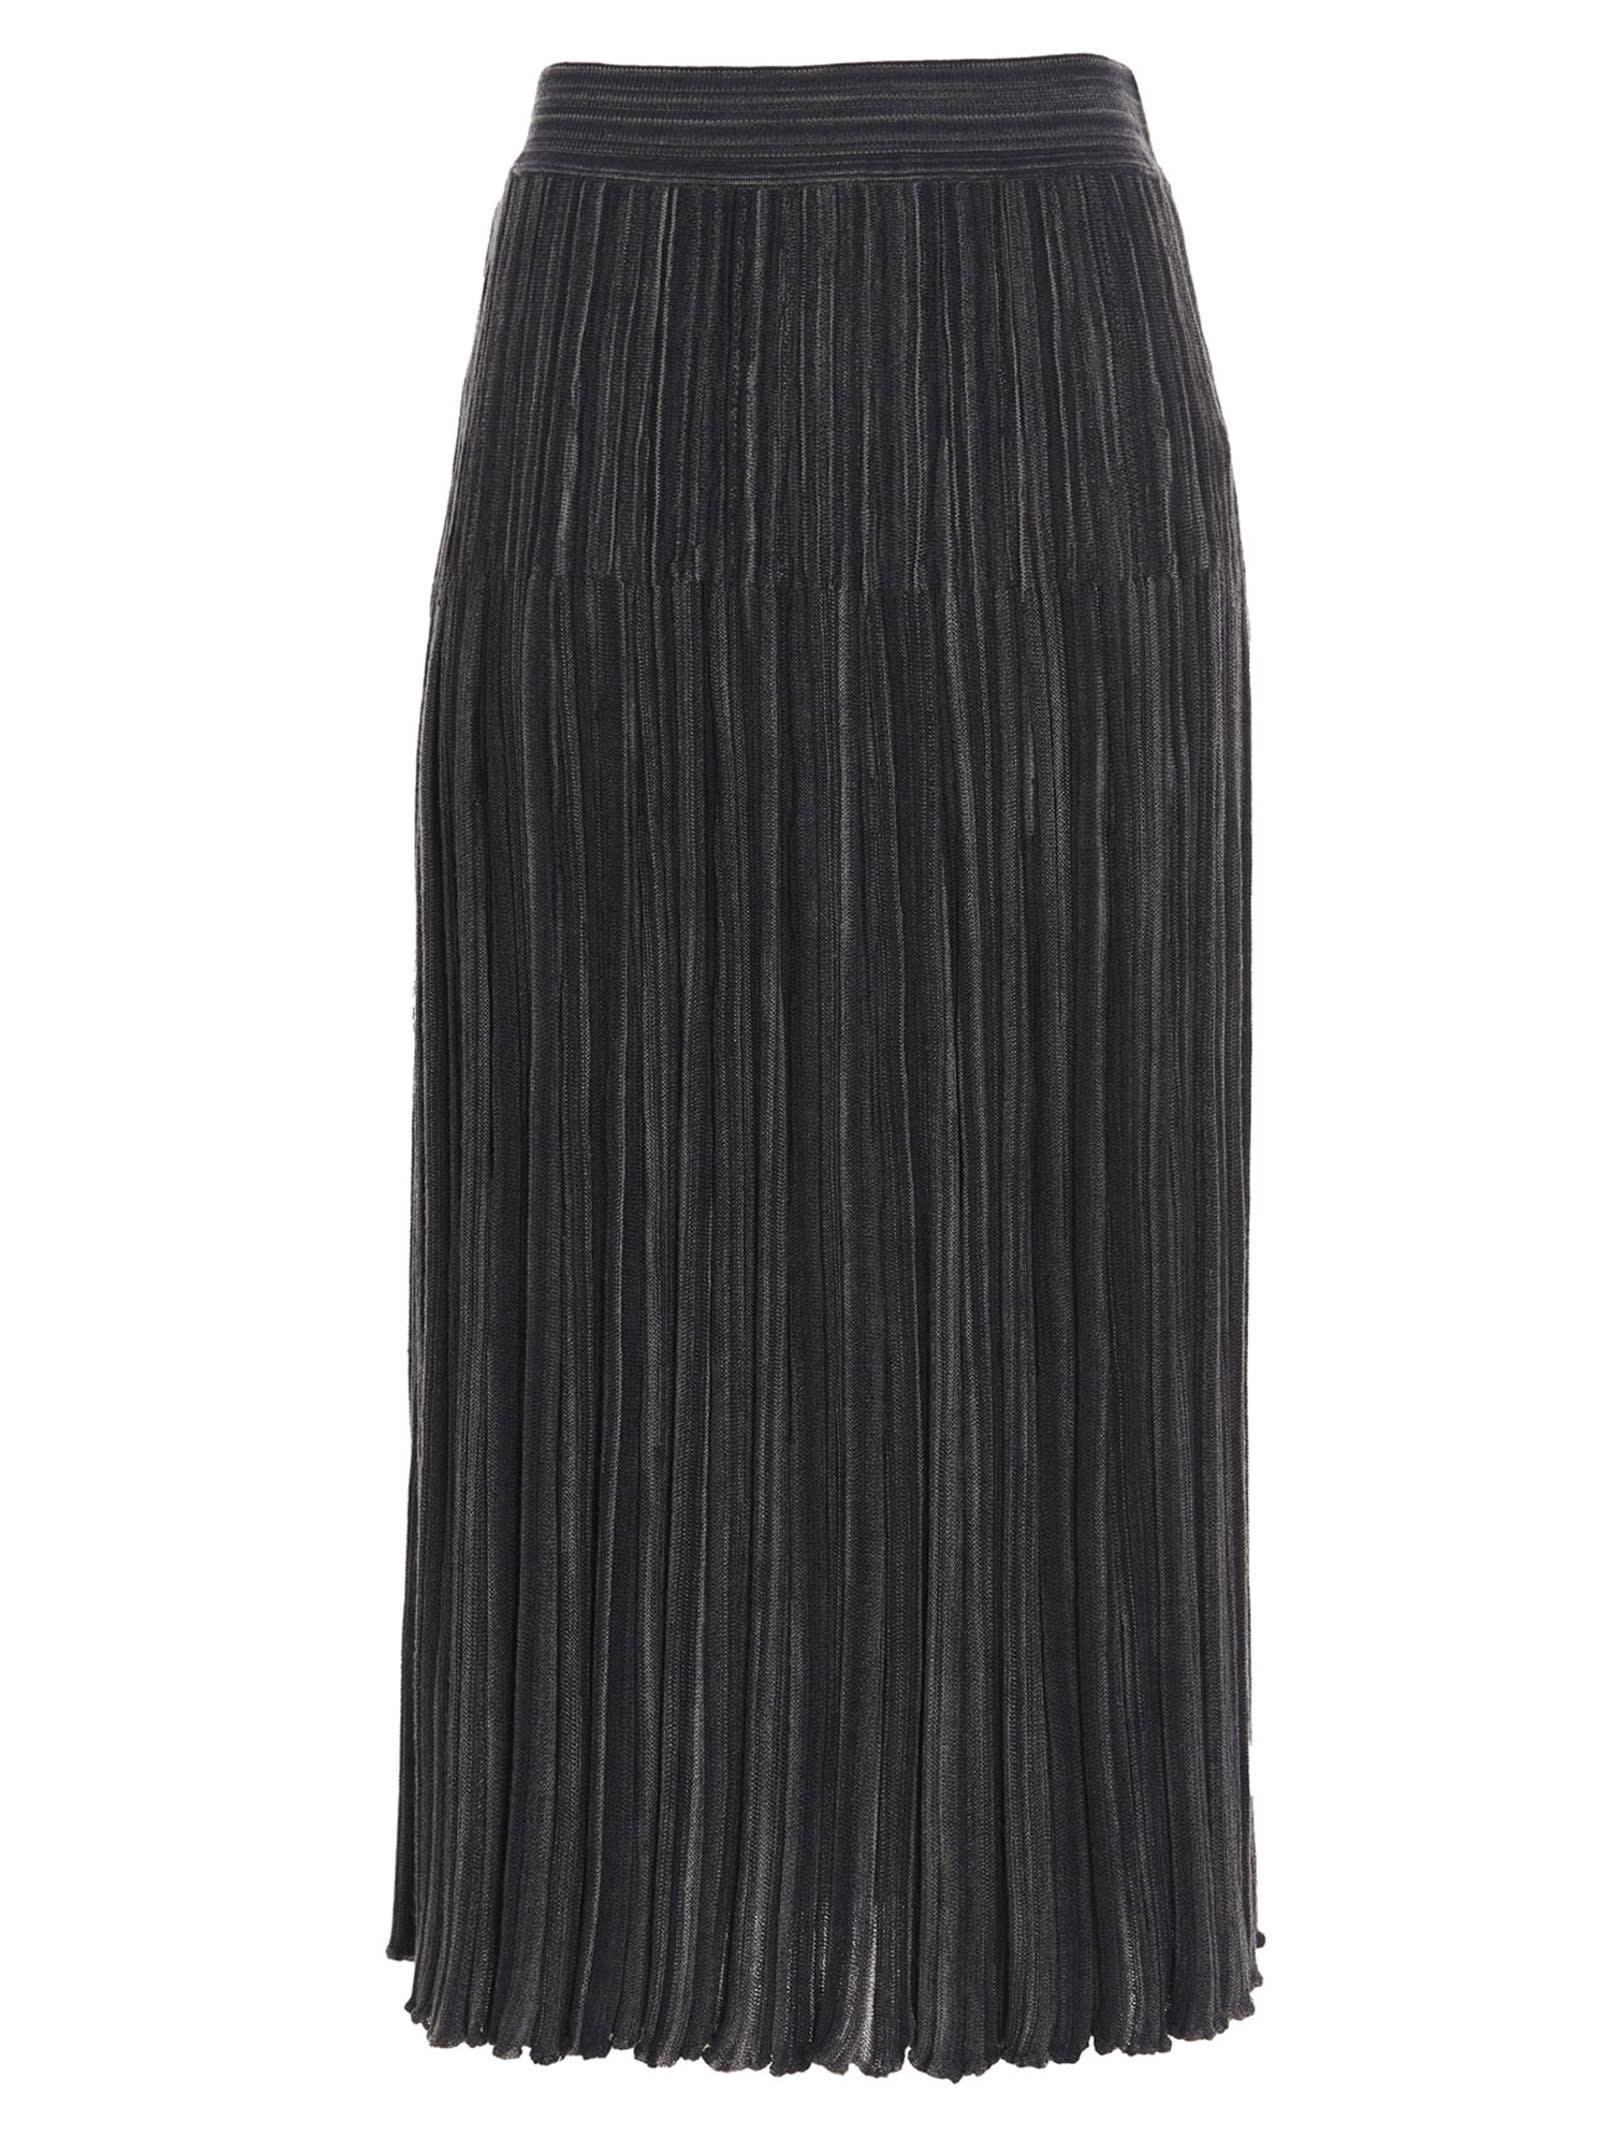 nieves Skirt